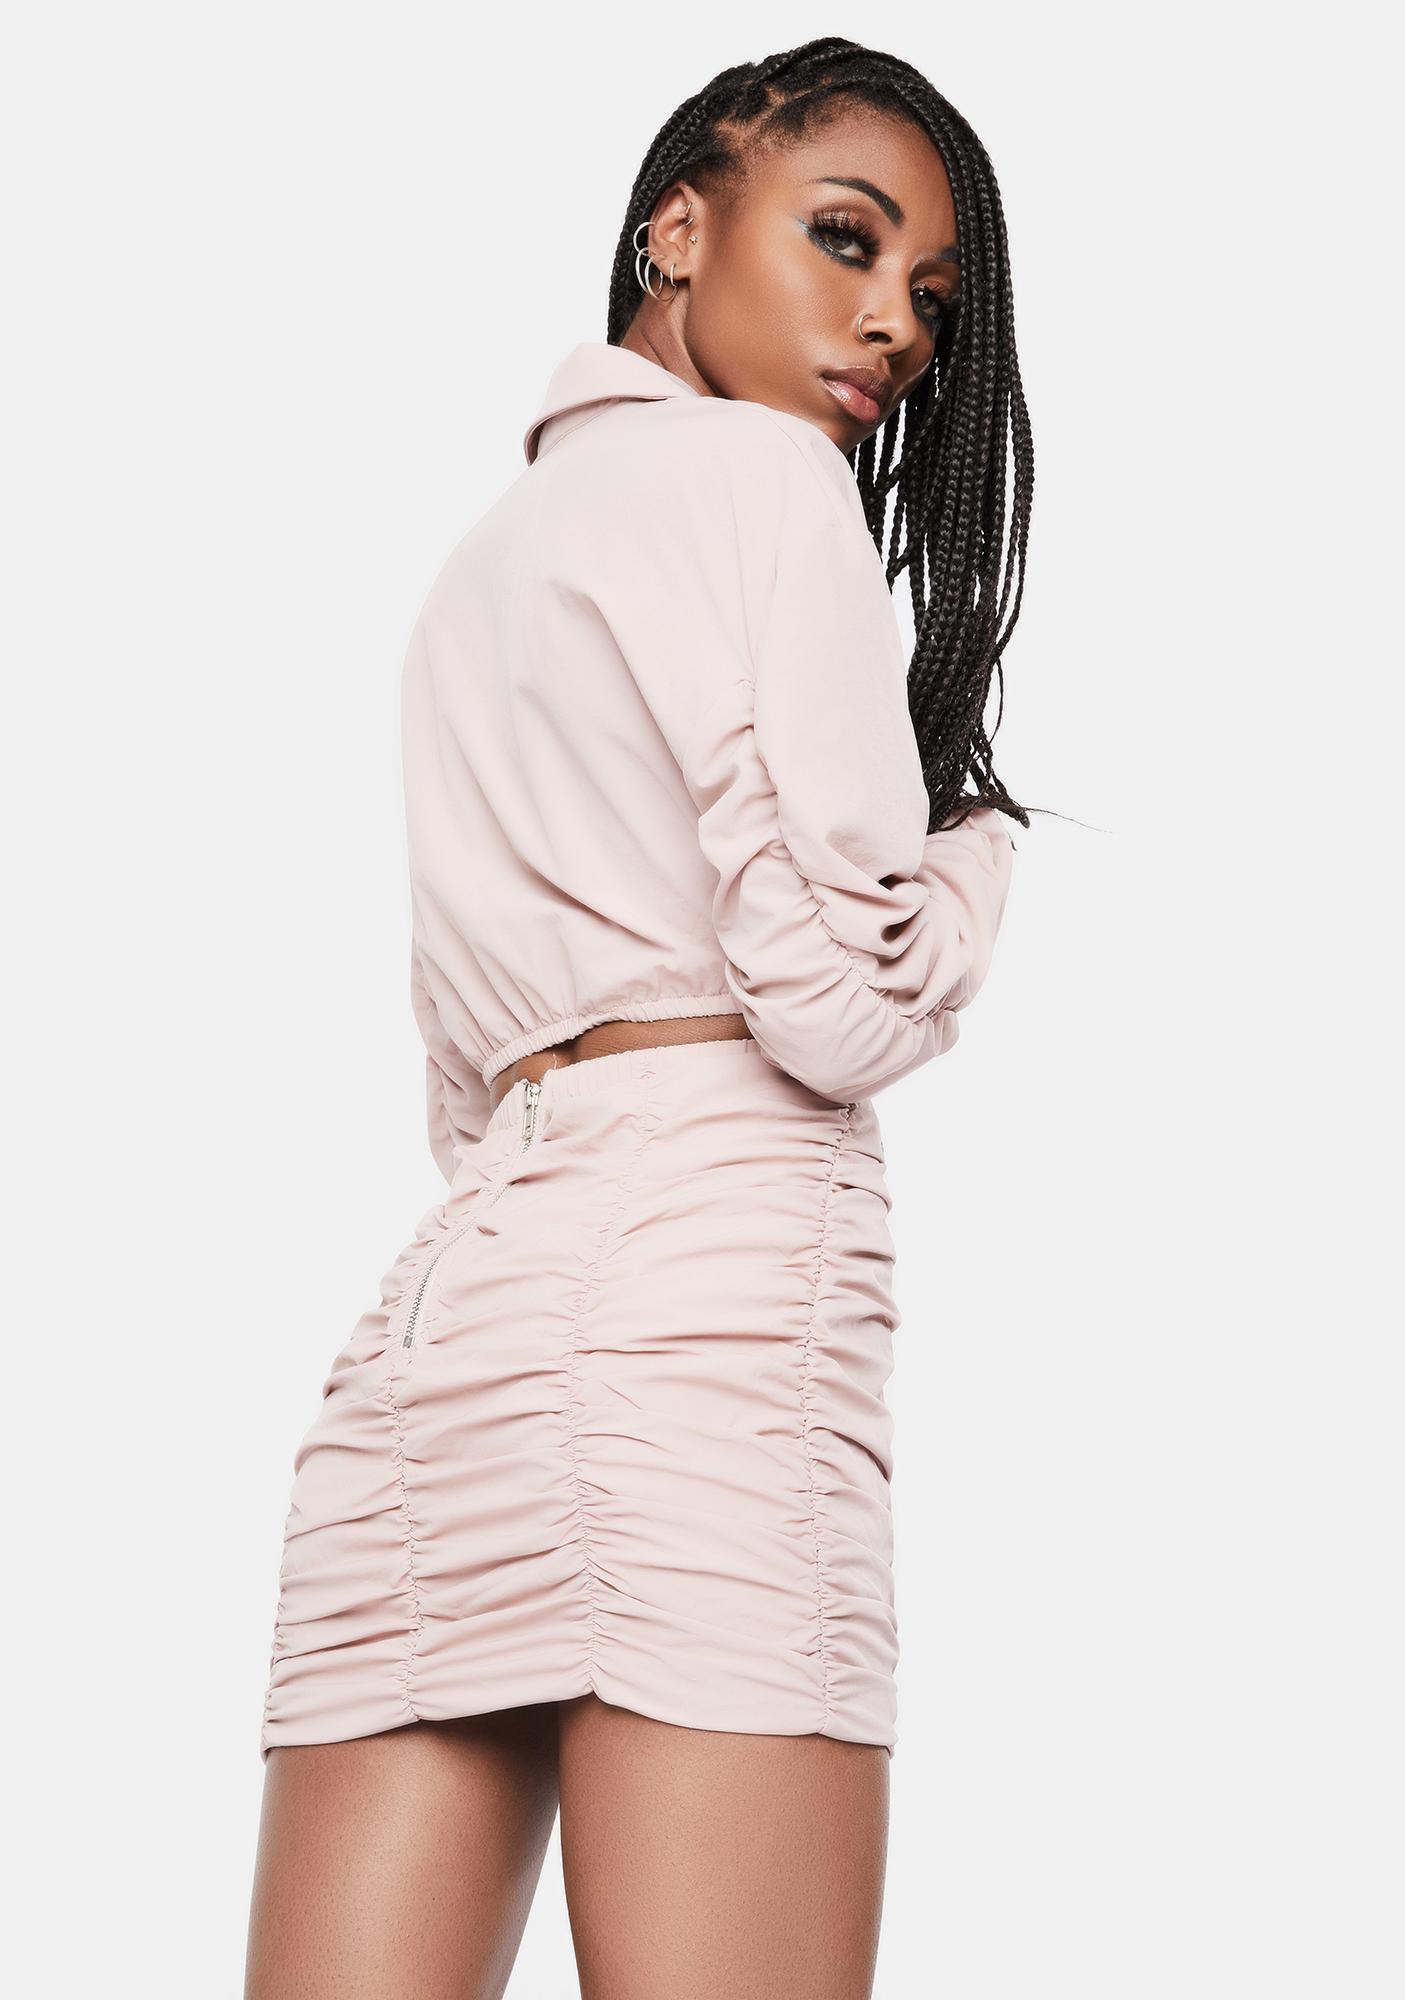 Baby Feel Free Crop Top Skirt Set